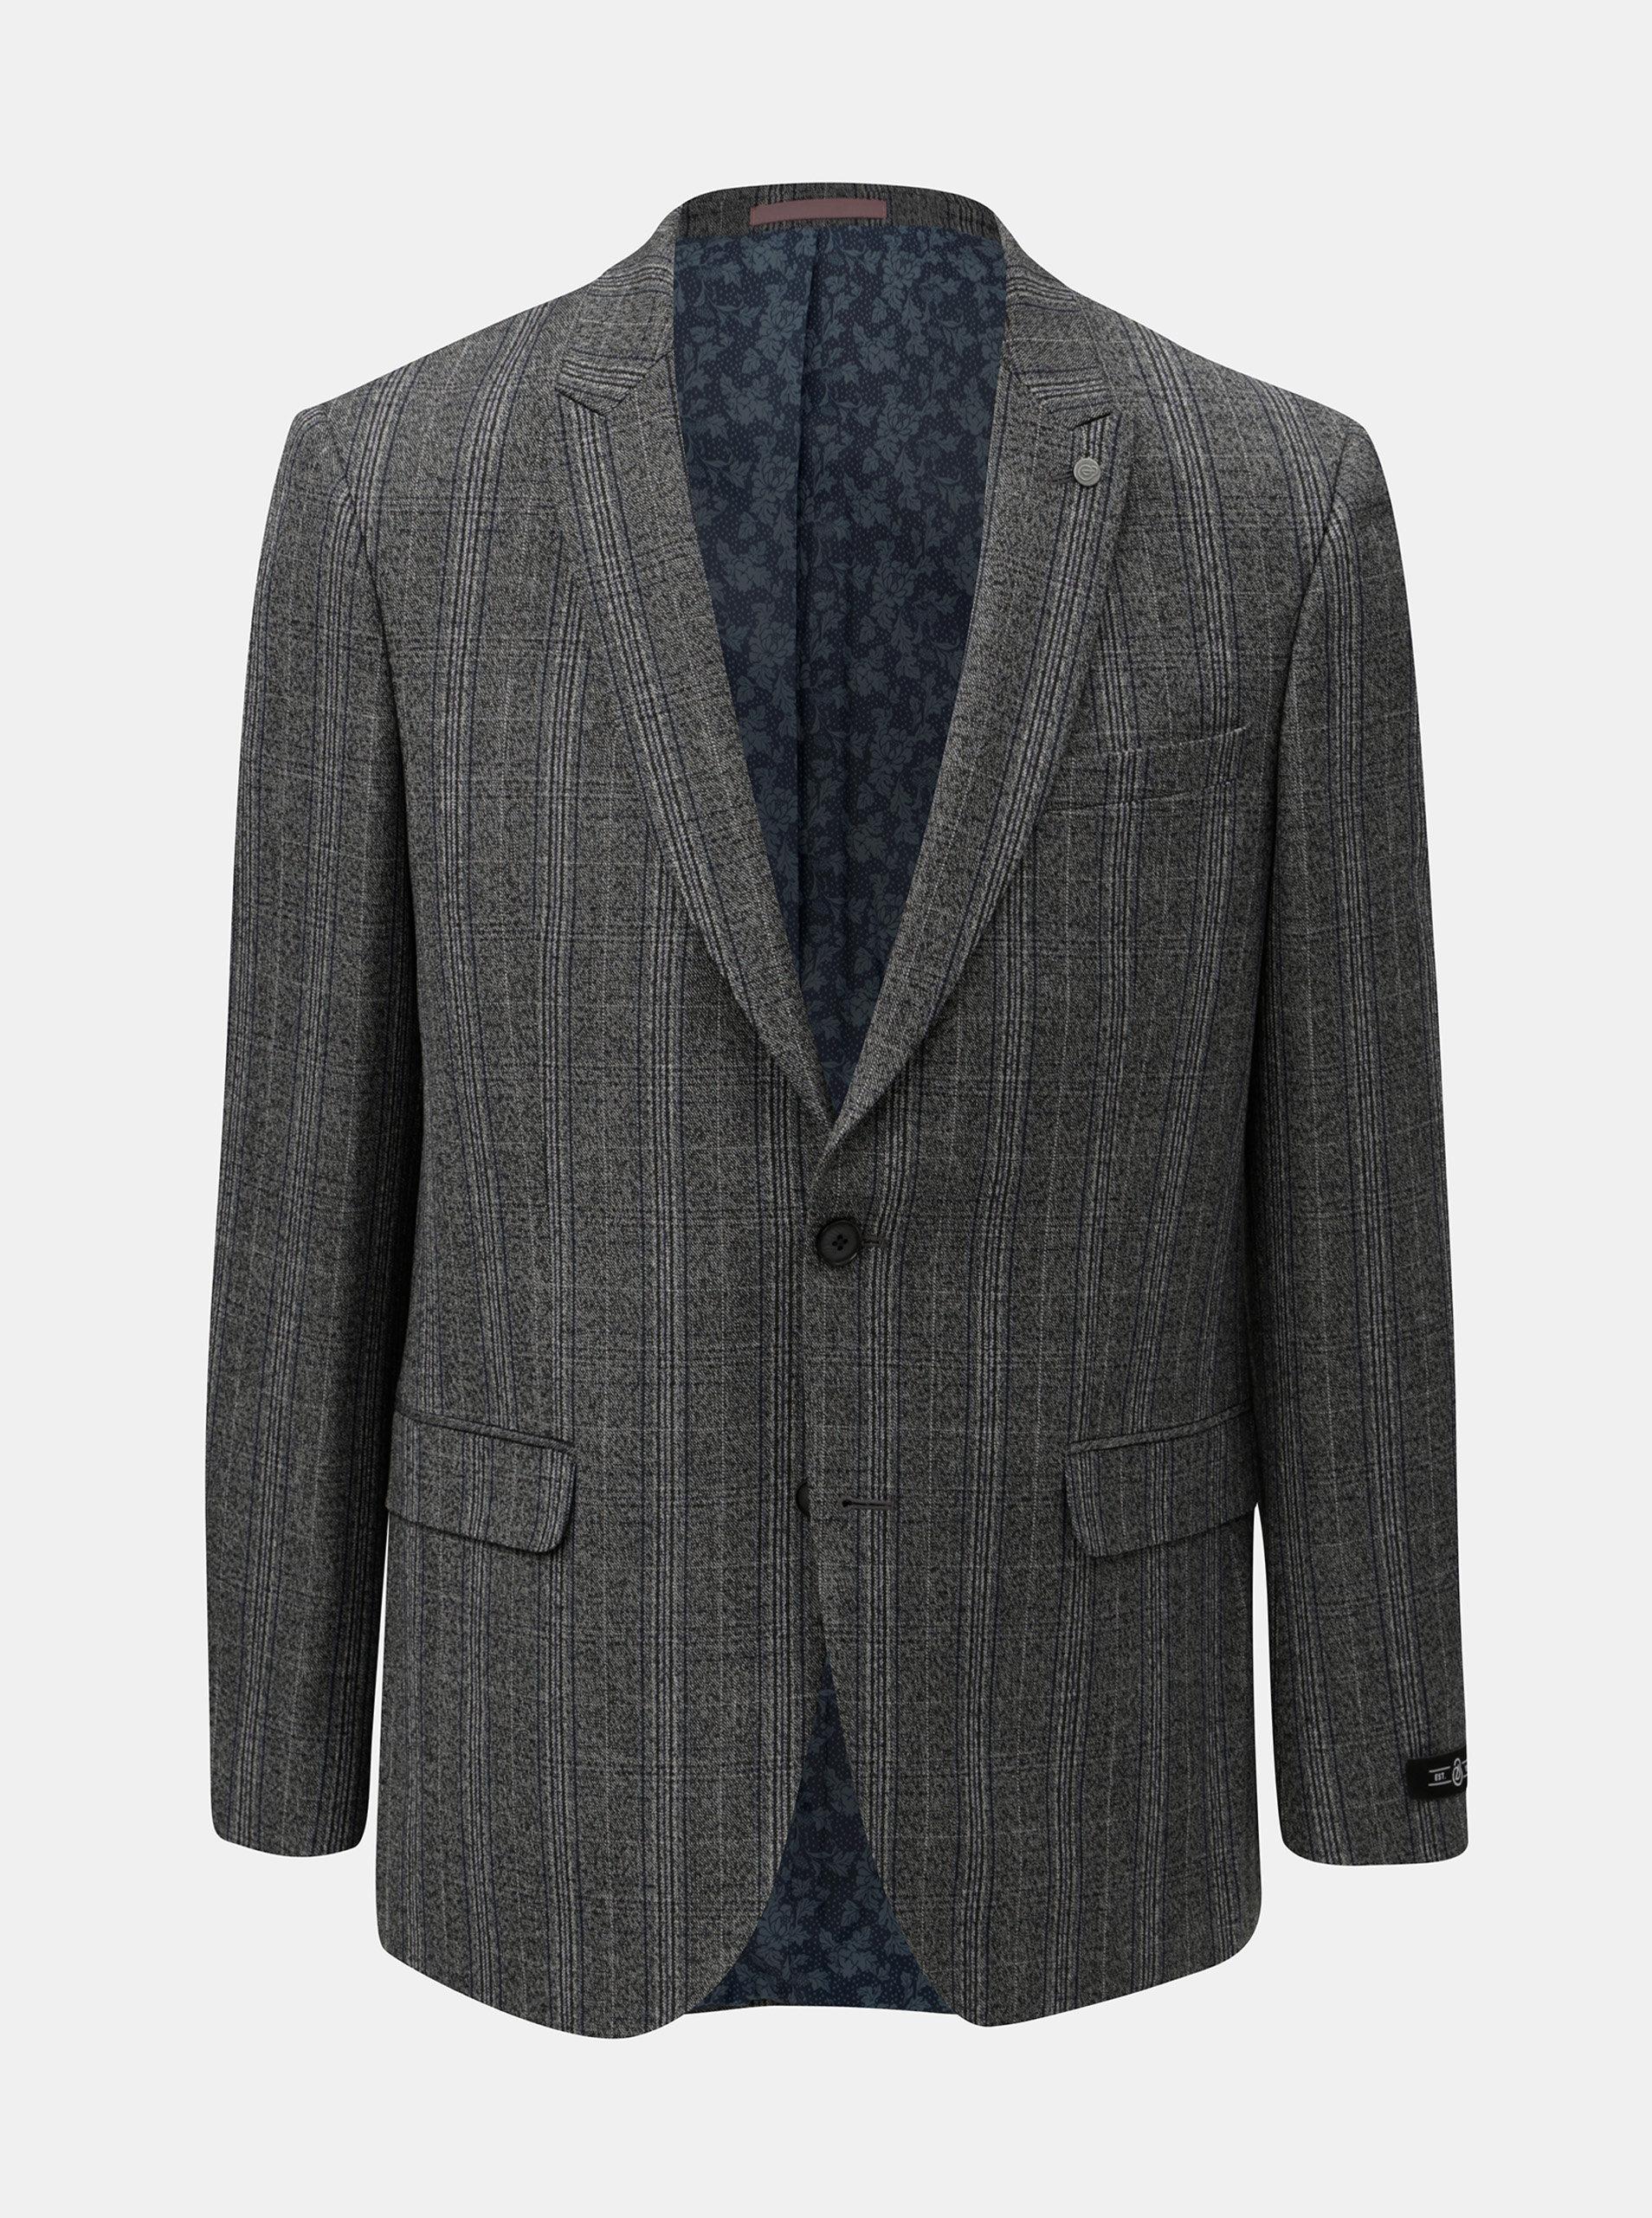 49b4b8b908 Sivé kockované oblekové sako Burton Menswear London Pow ...